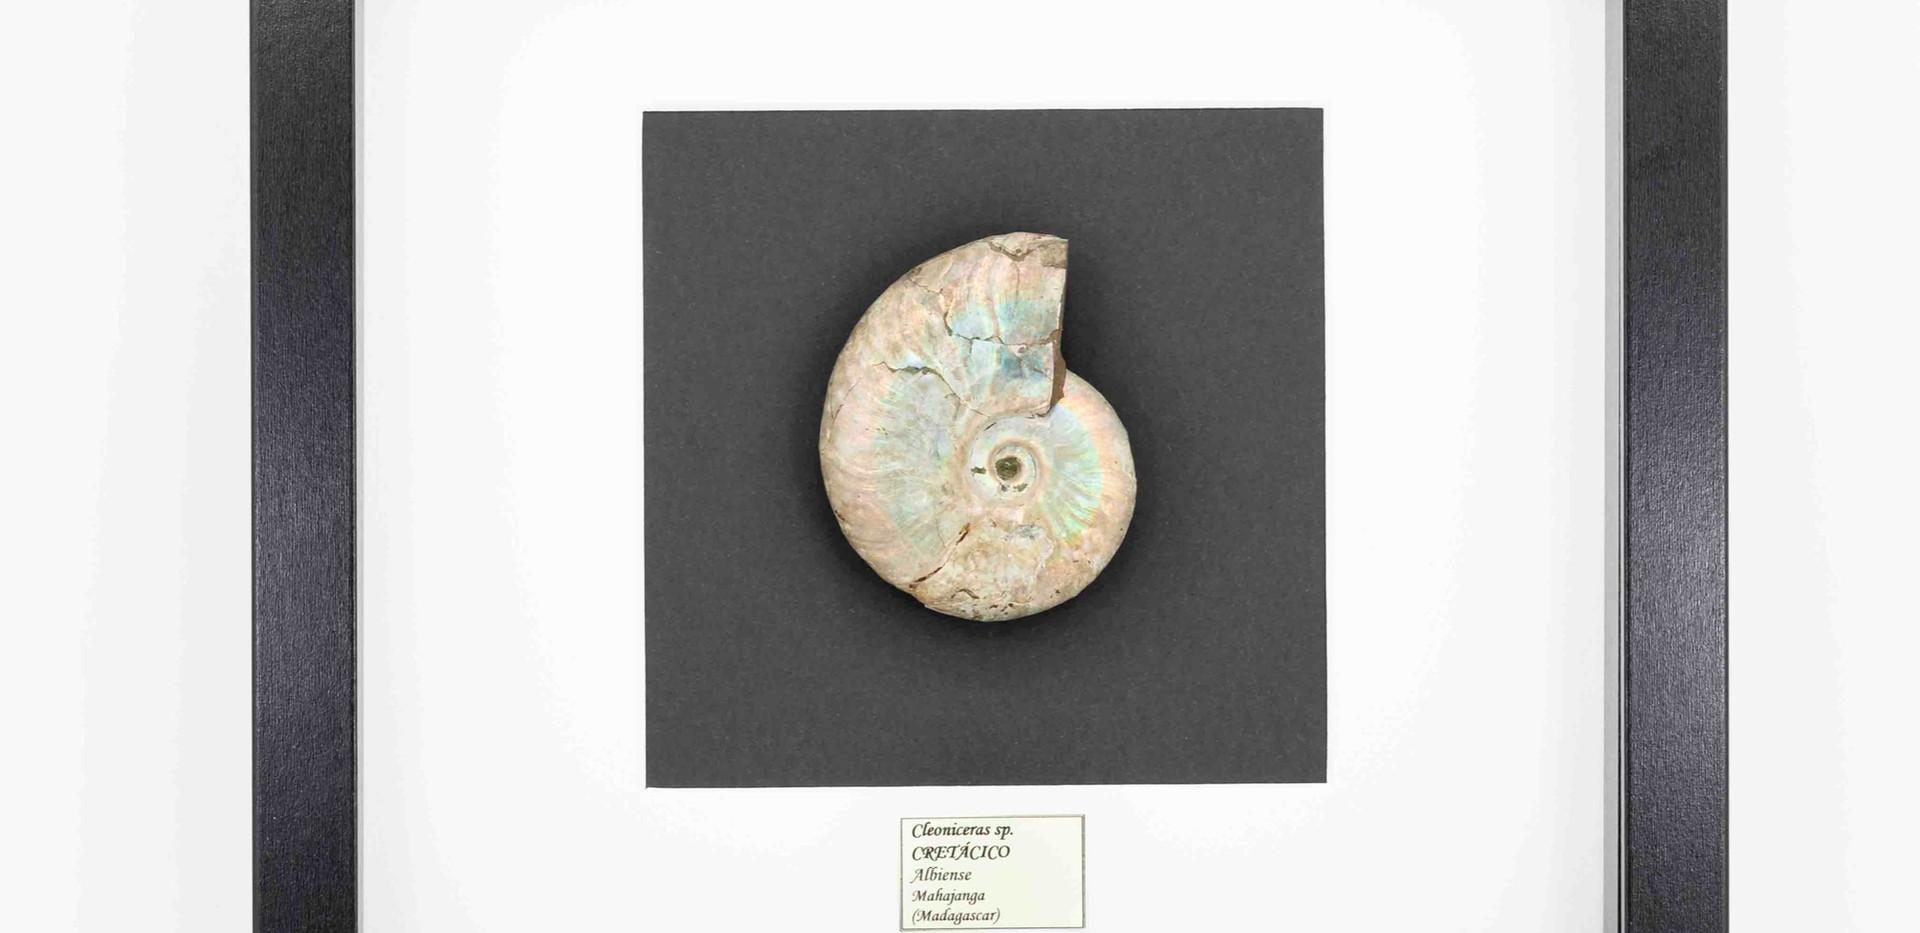 Cleoniceras sp. presentado en marco